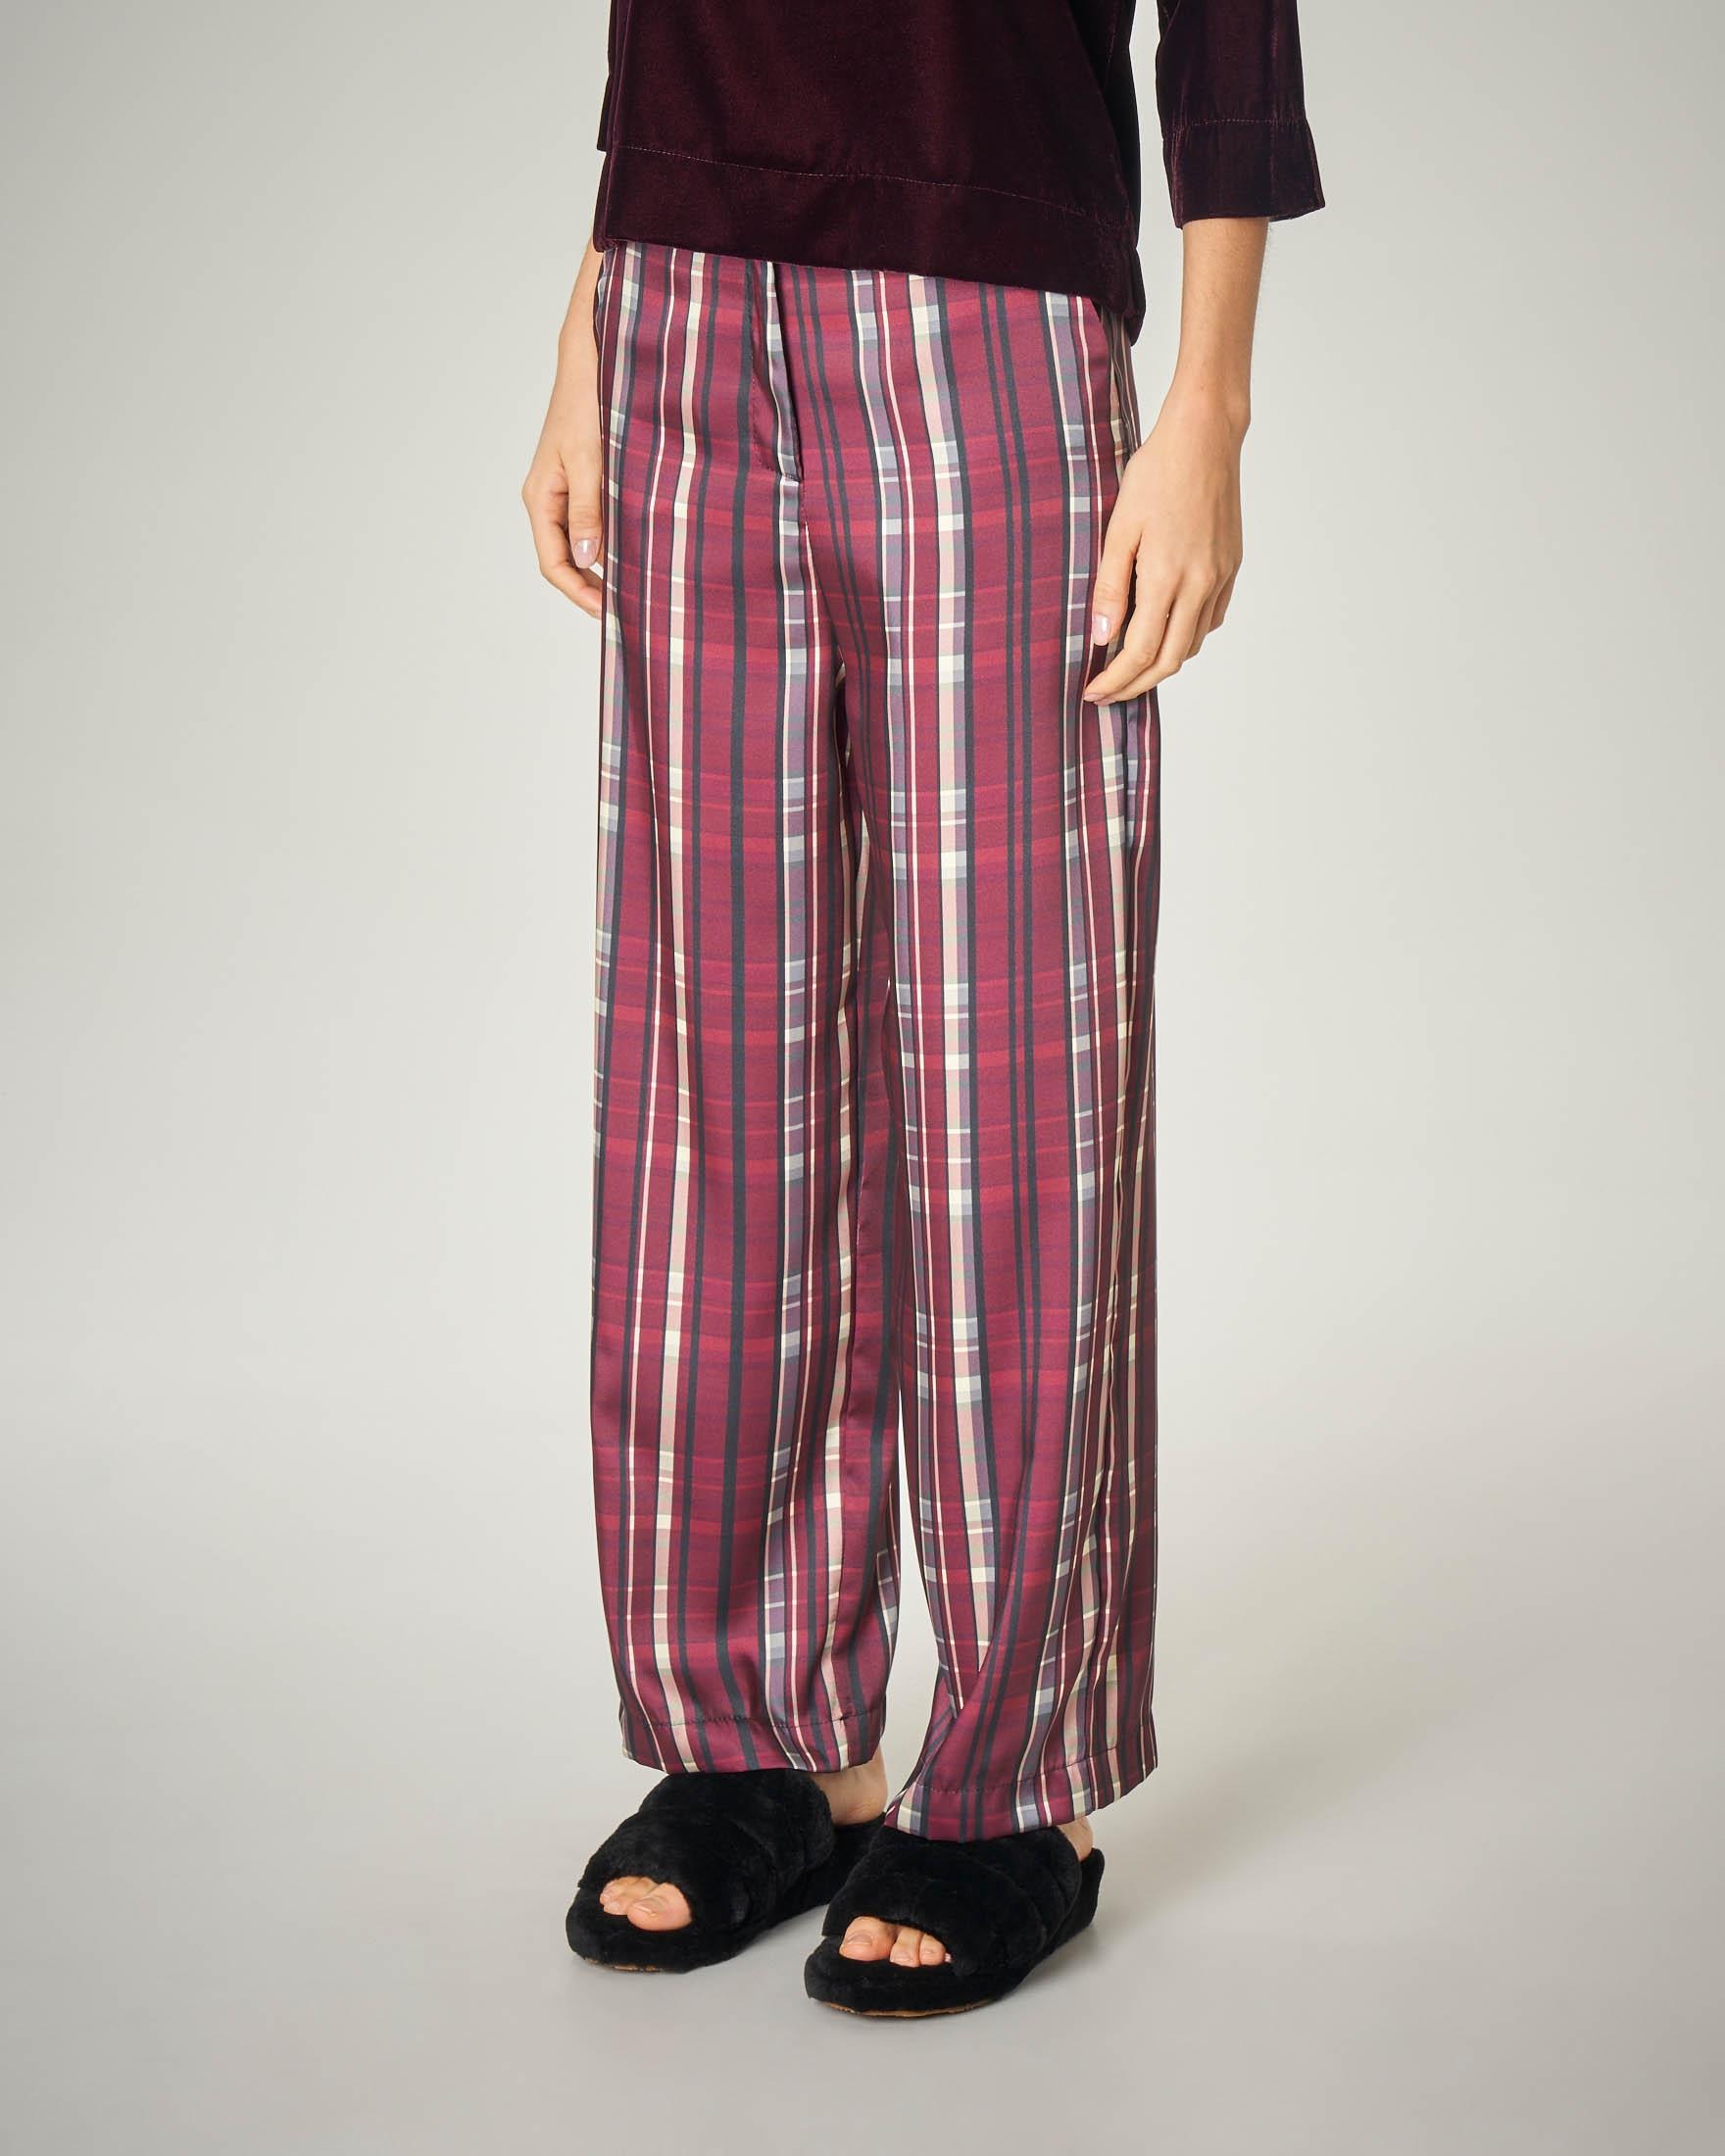 Pantalone pigiama a fantasia a quadri bordeaux